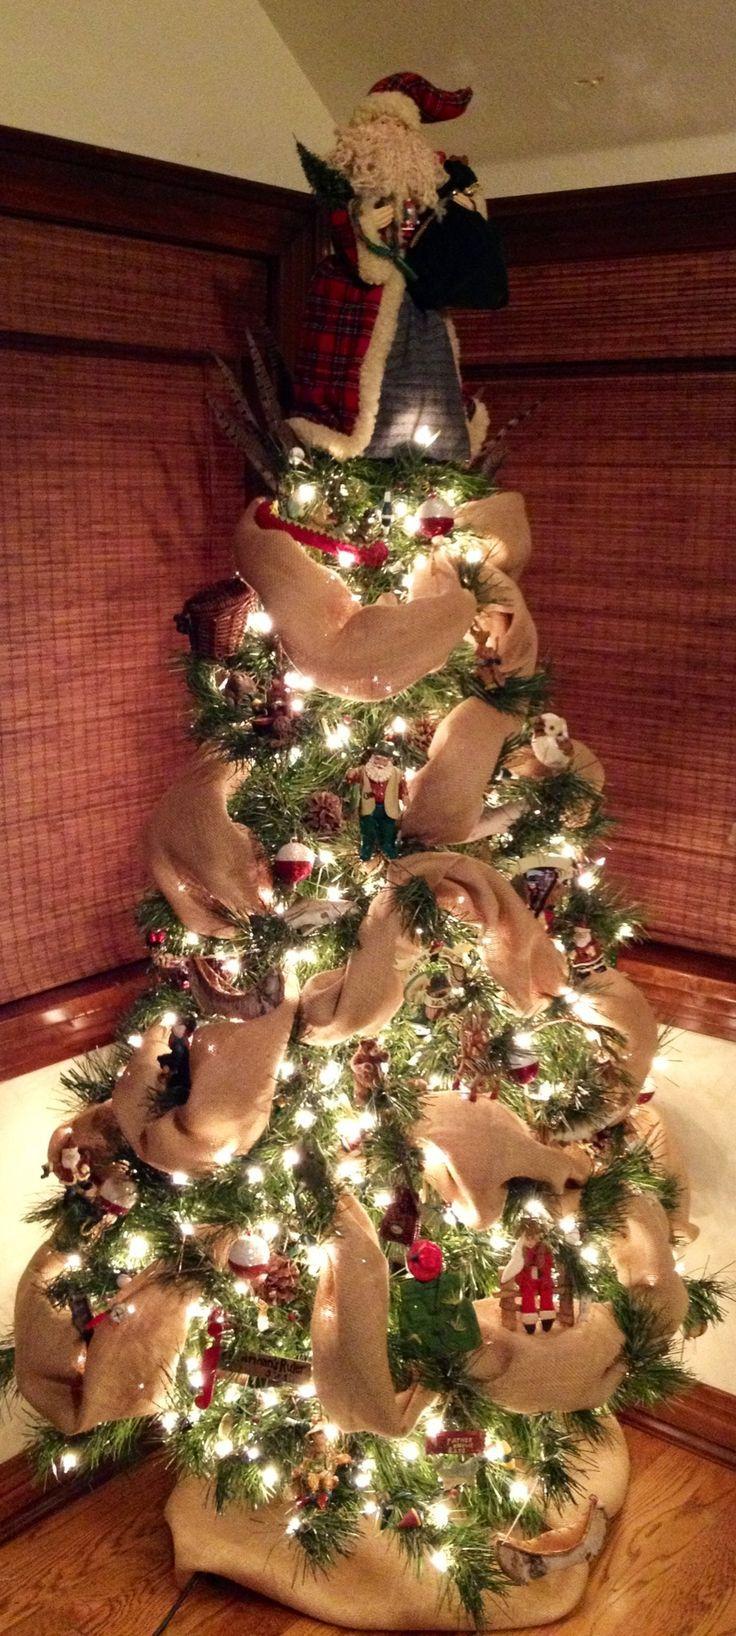 Rustic Christmas Tree Holiday Christmas Tree Decor